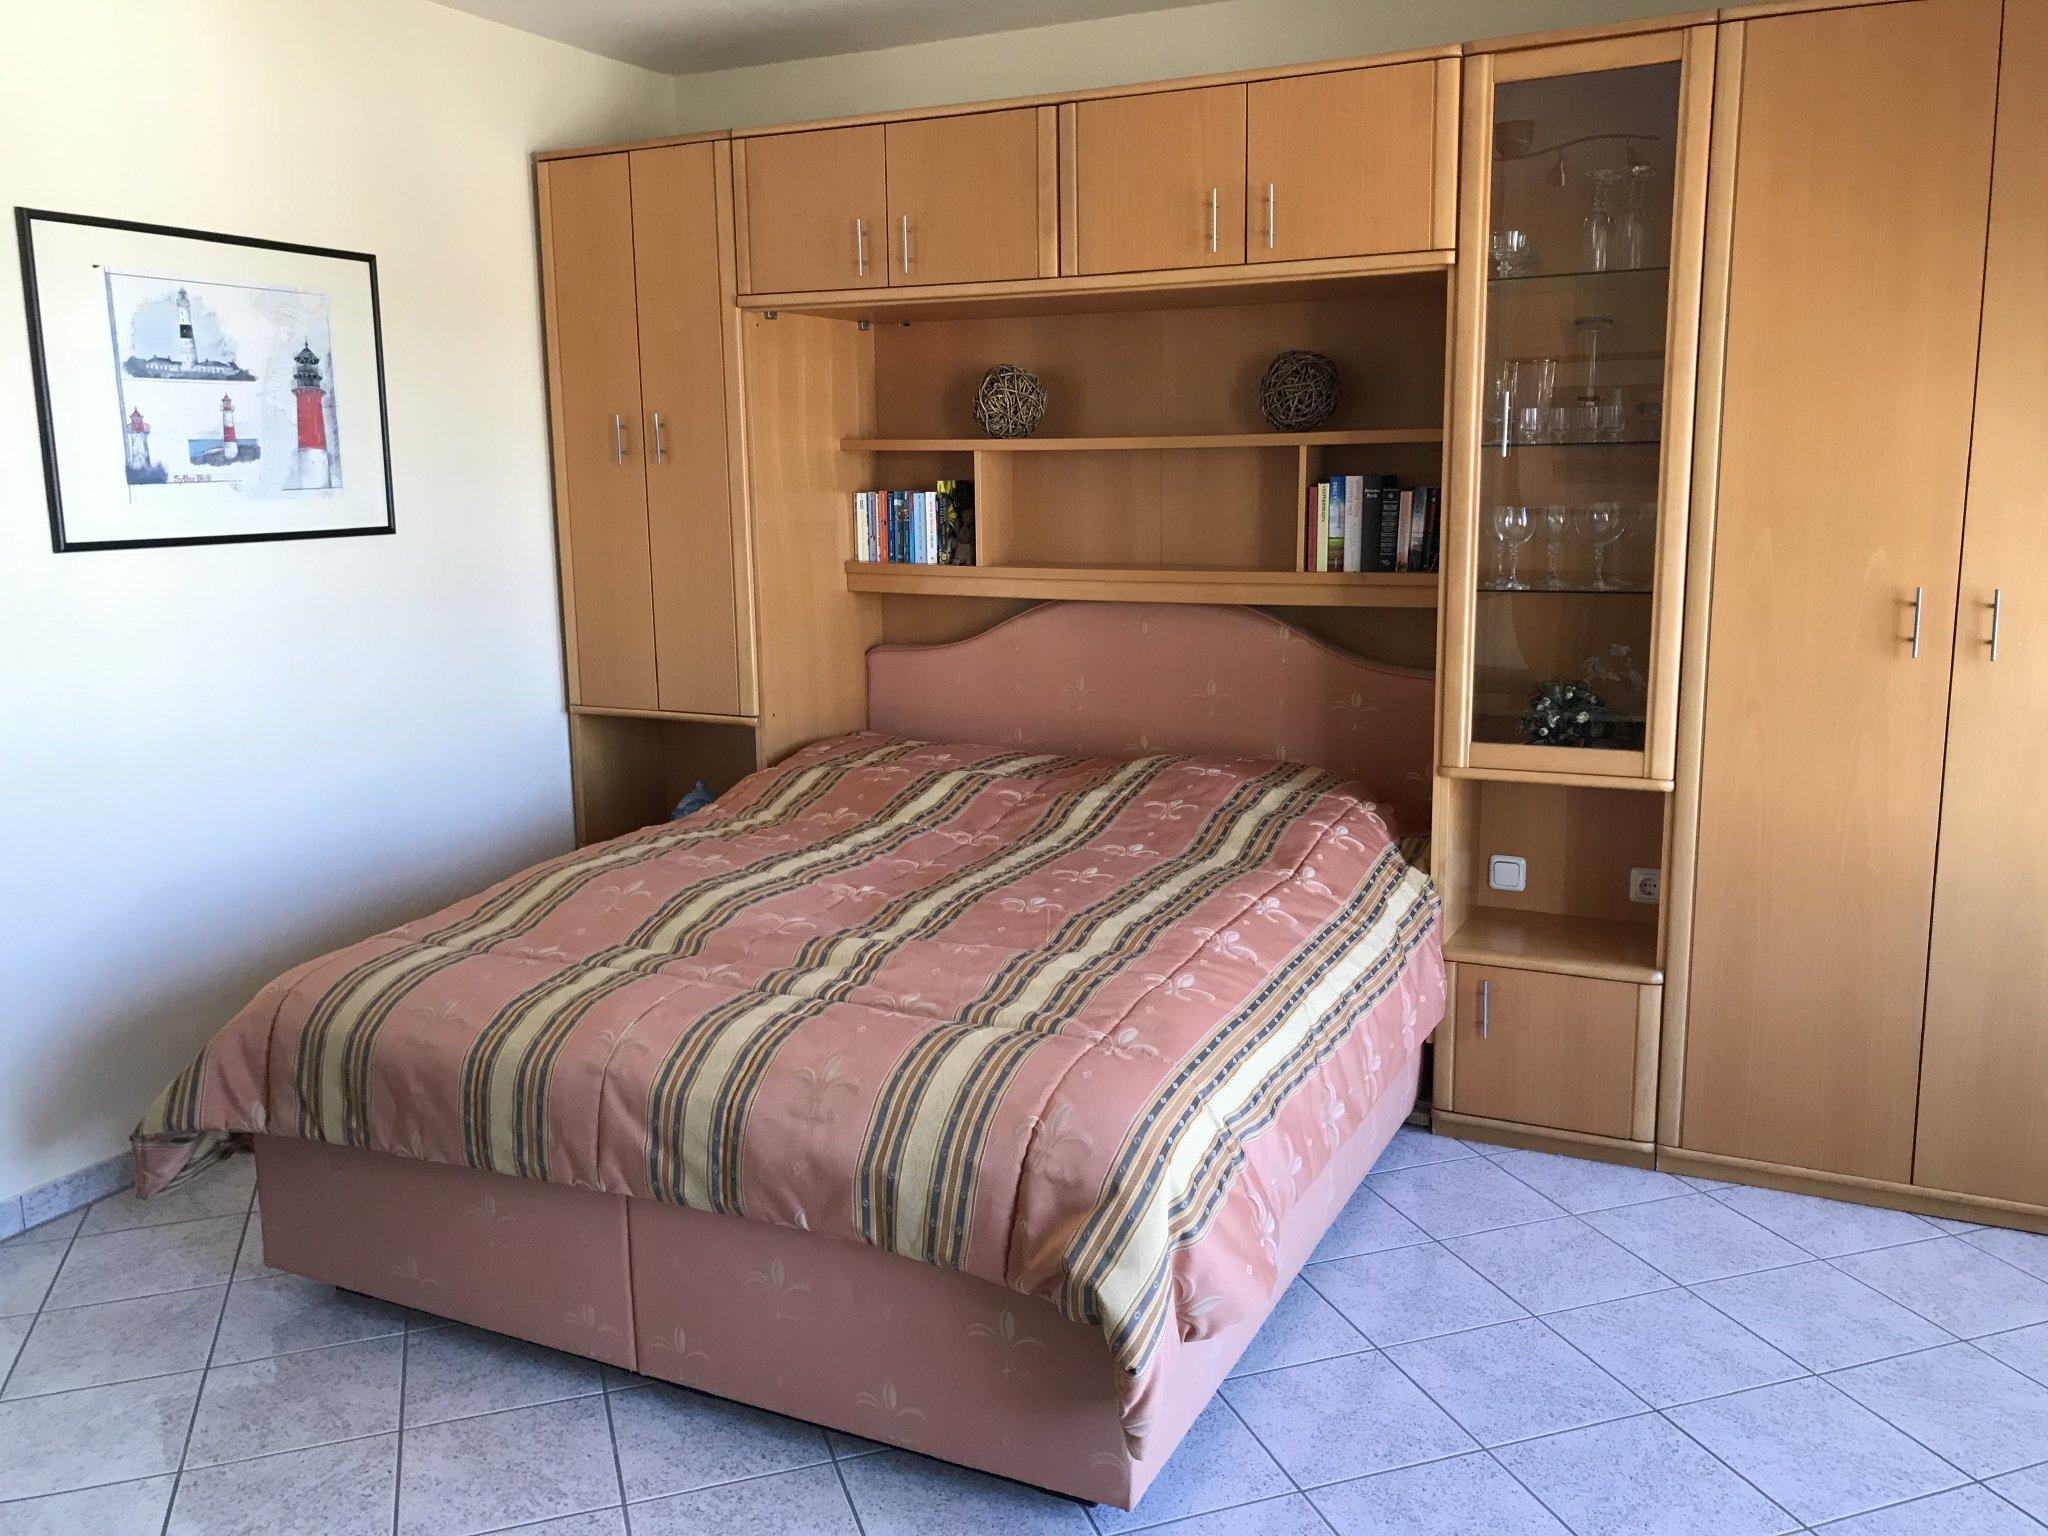 Komfortables Polsterbett in Seniorenhöhe